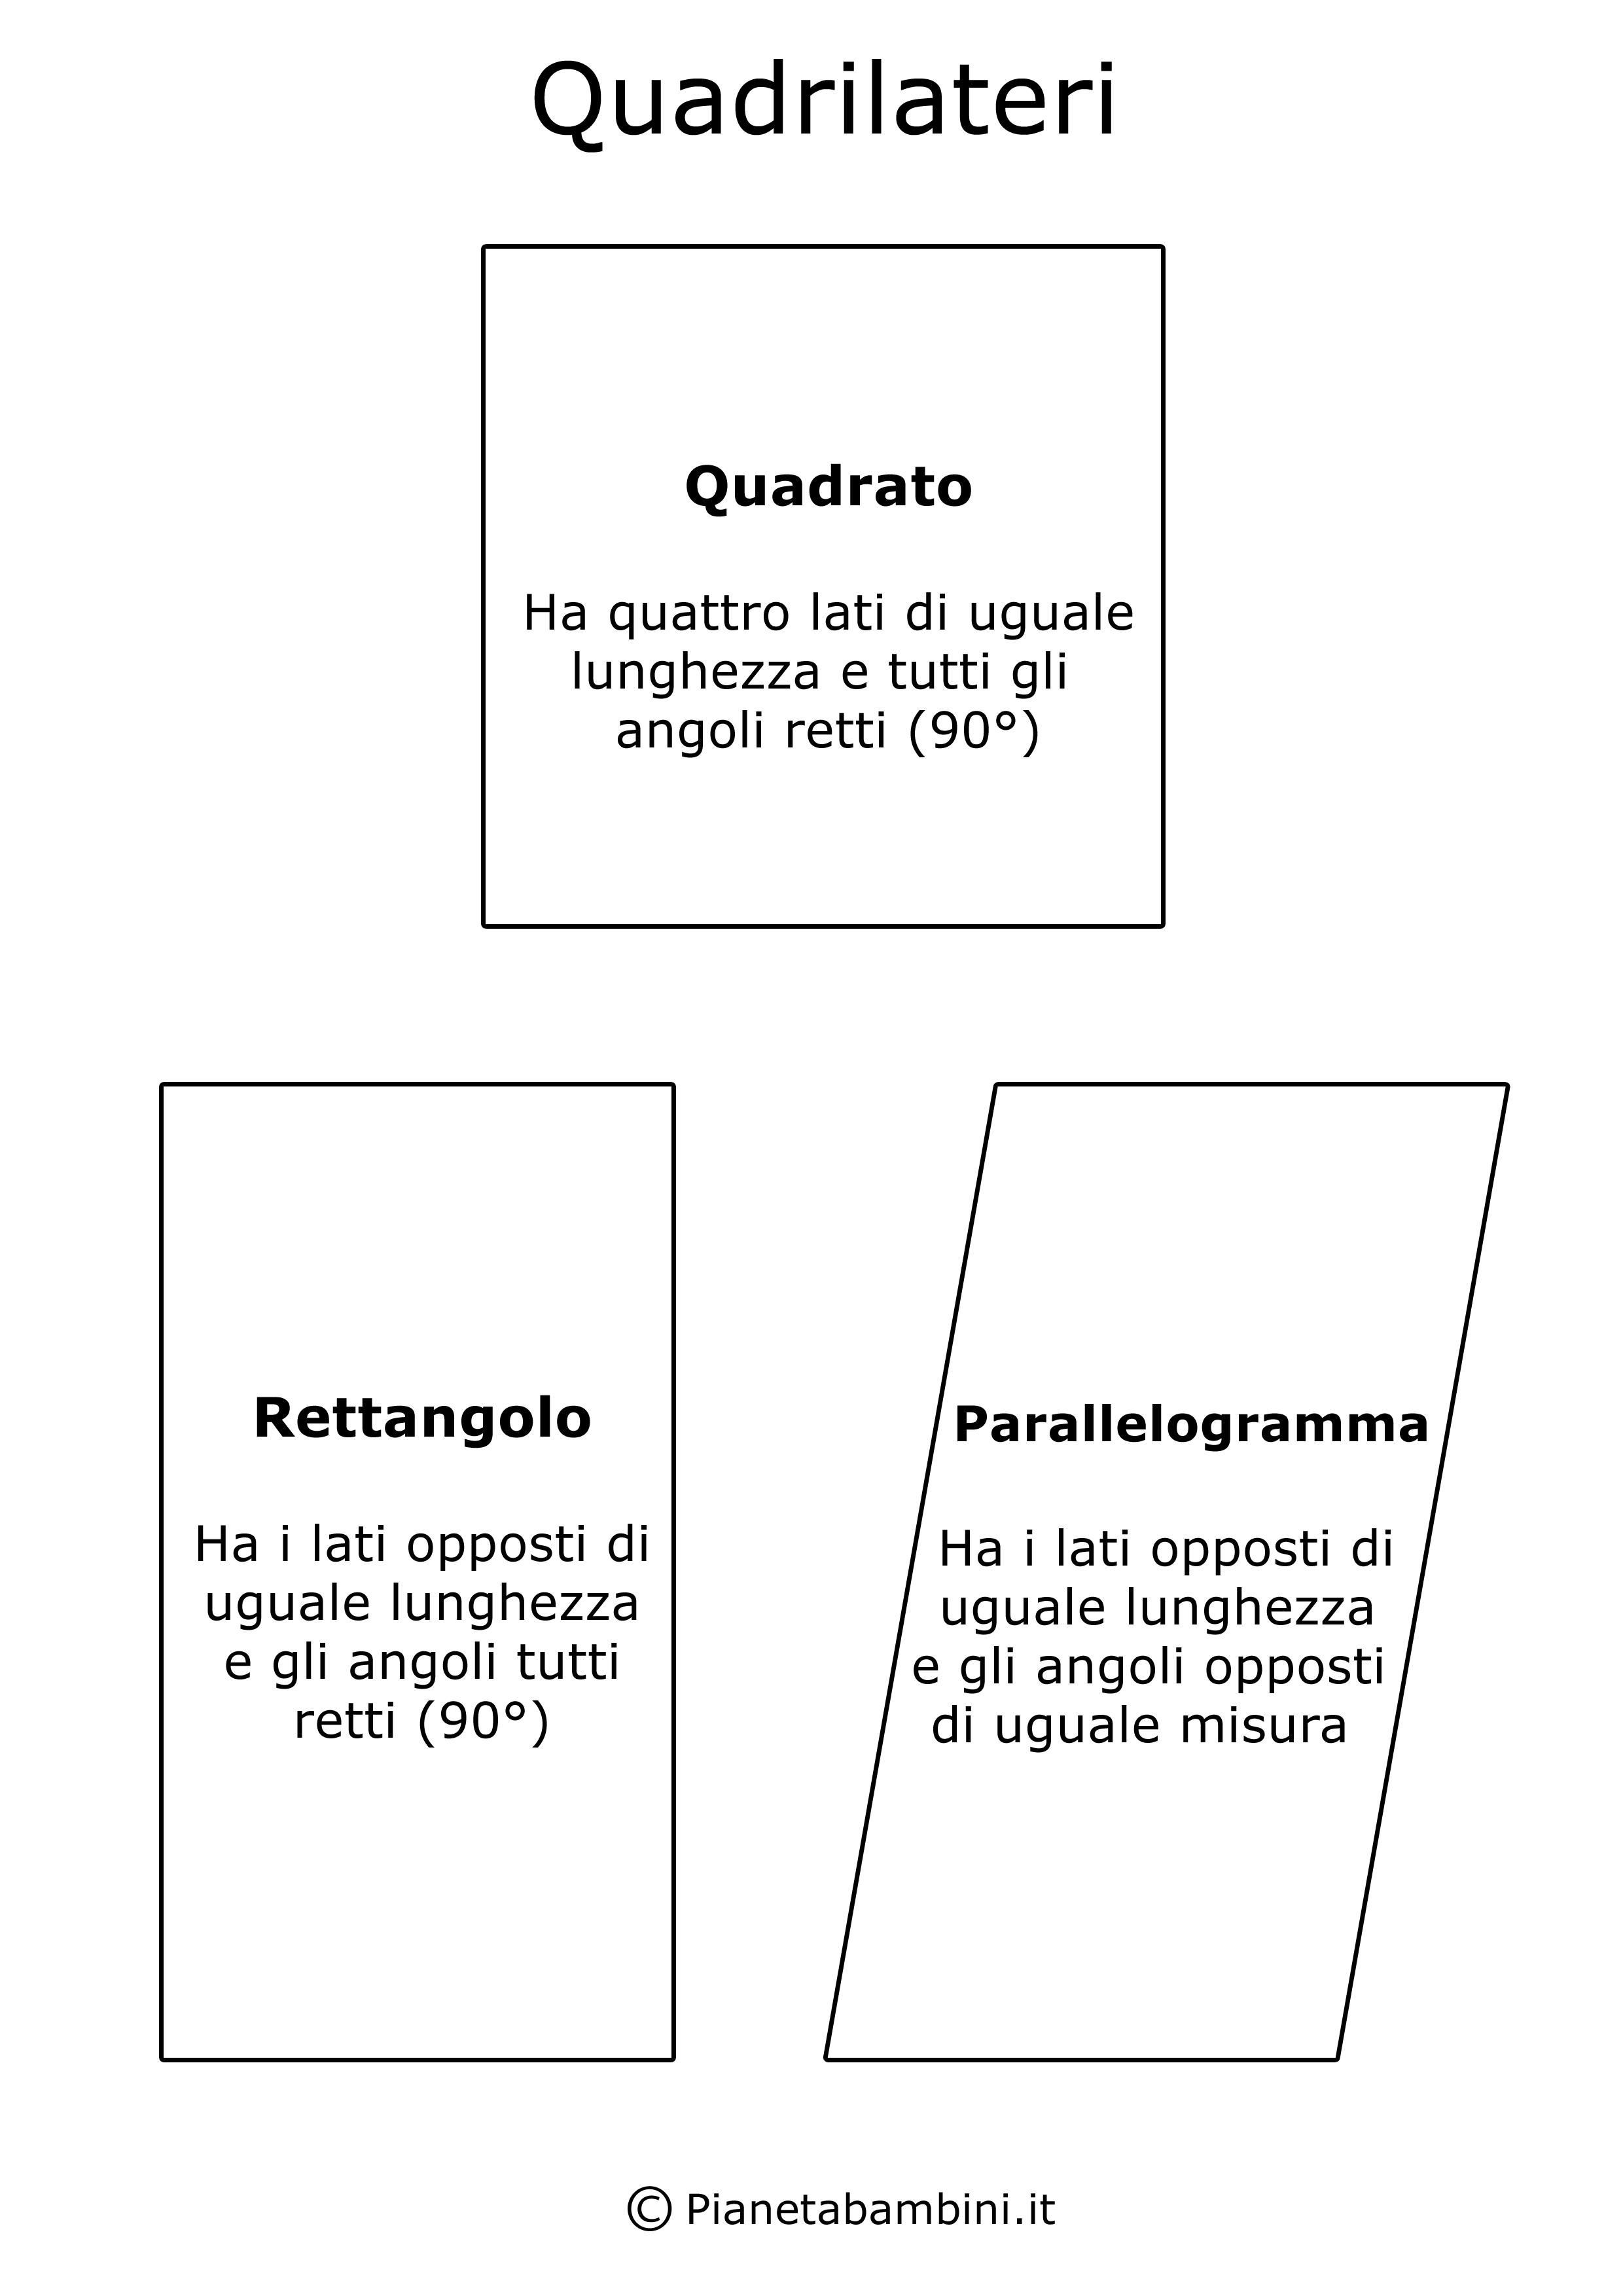 Quadrilateri-Bianco-Nero_1